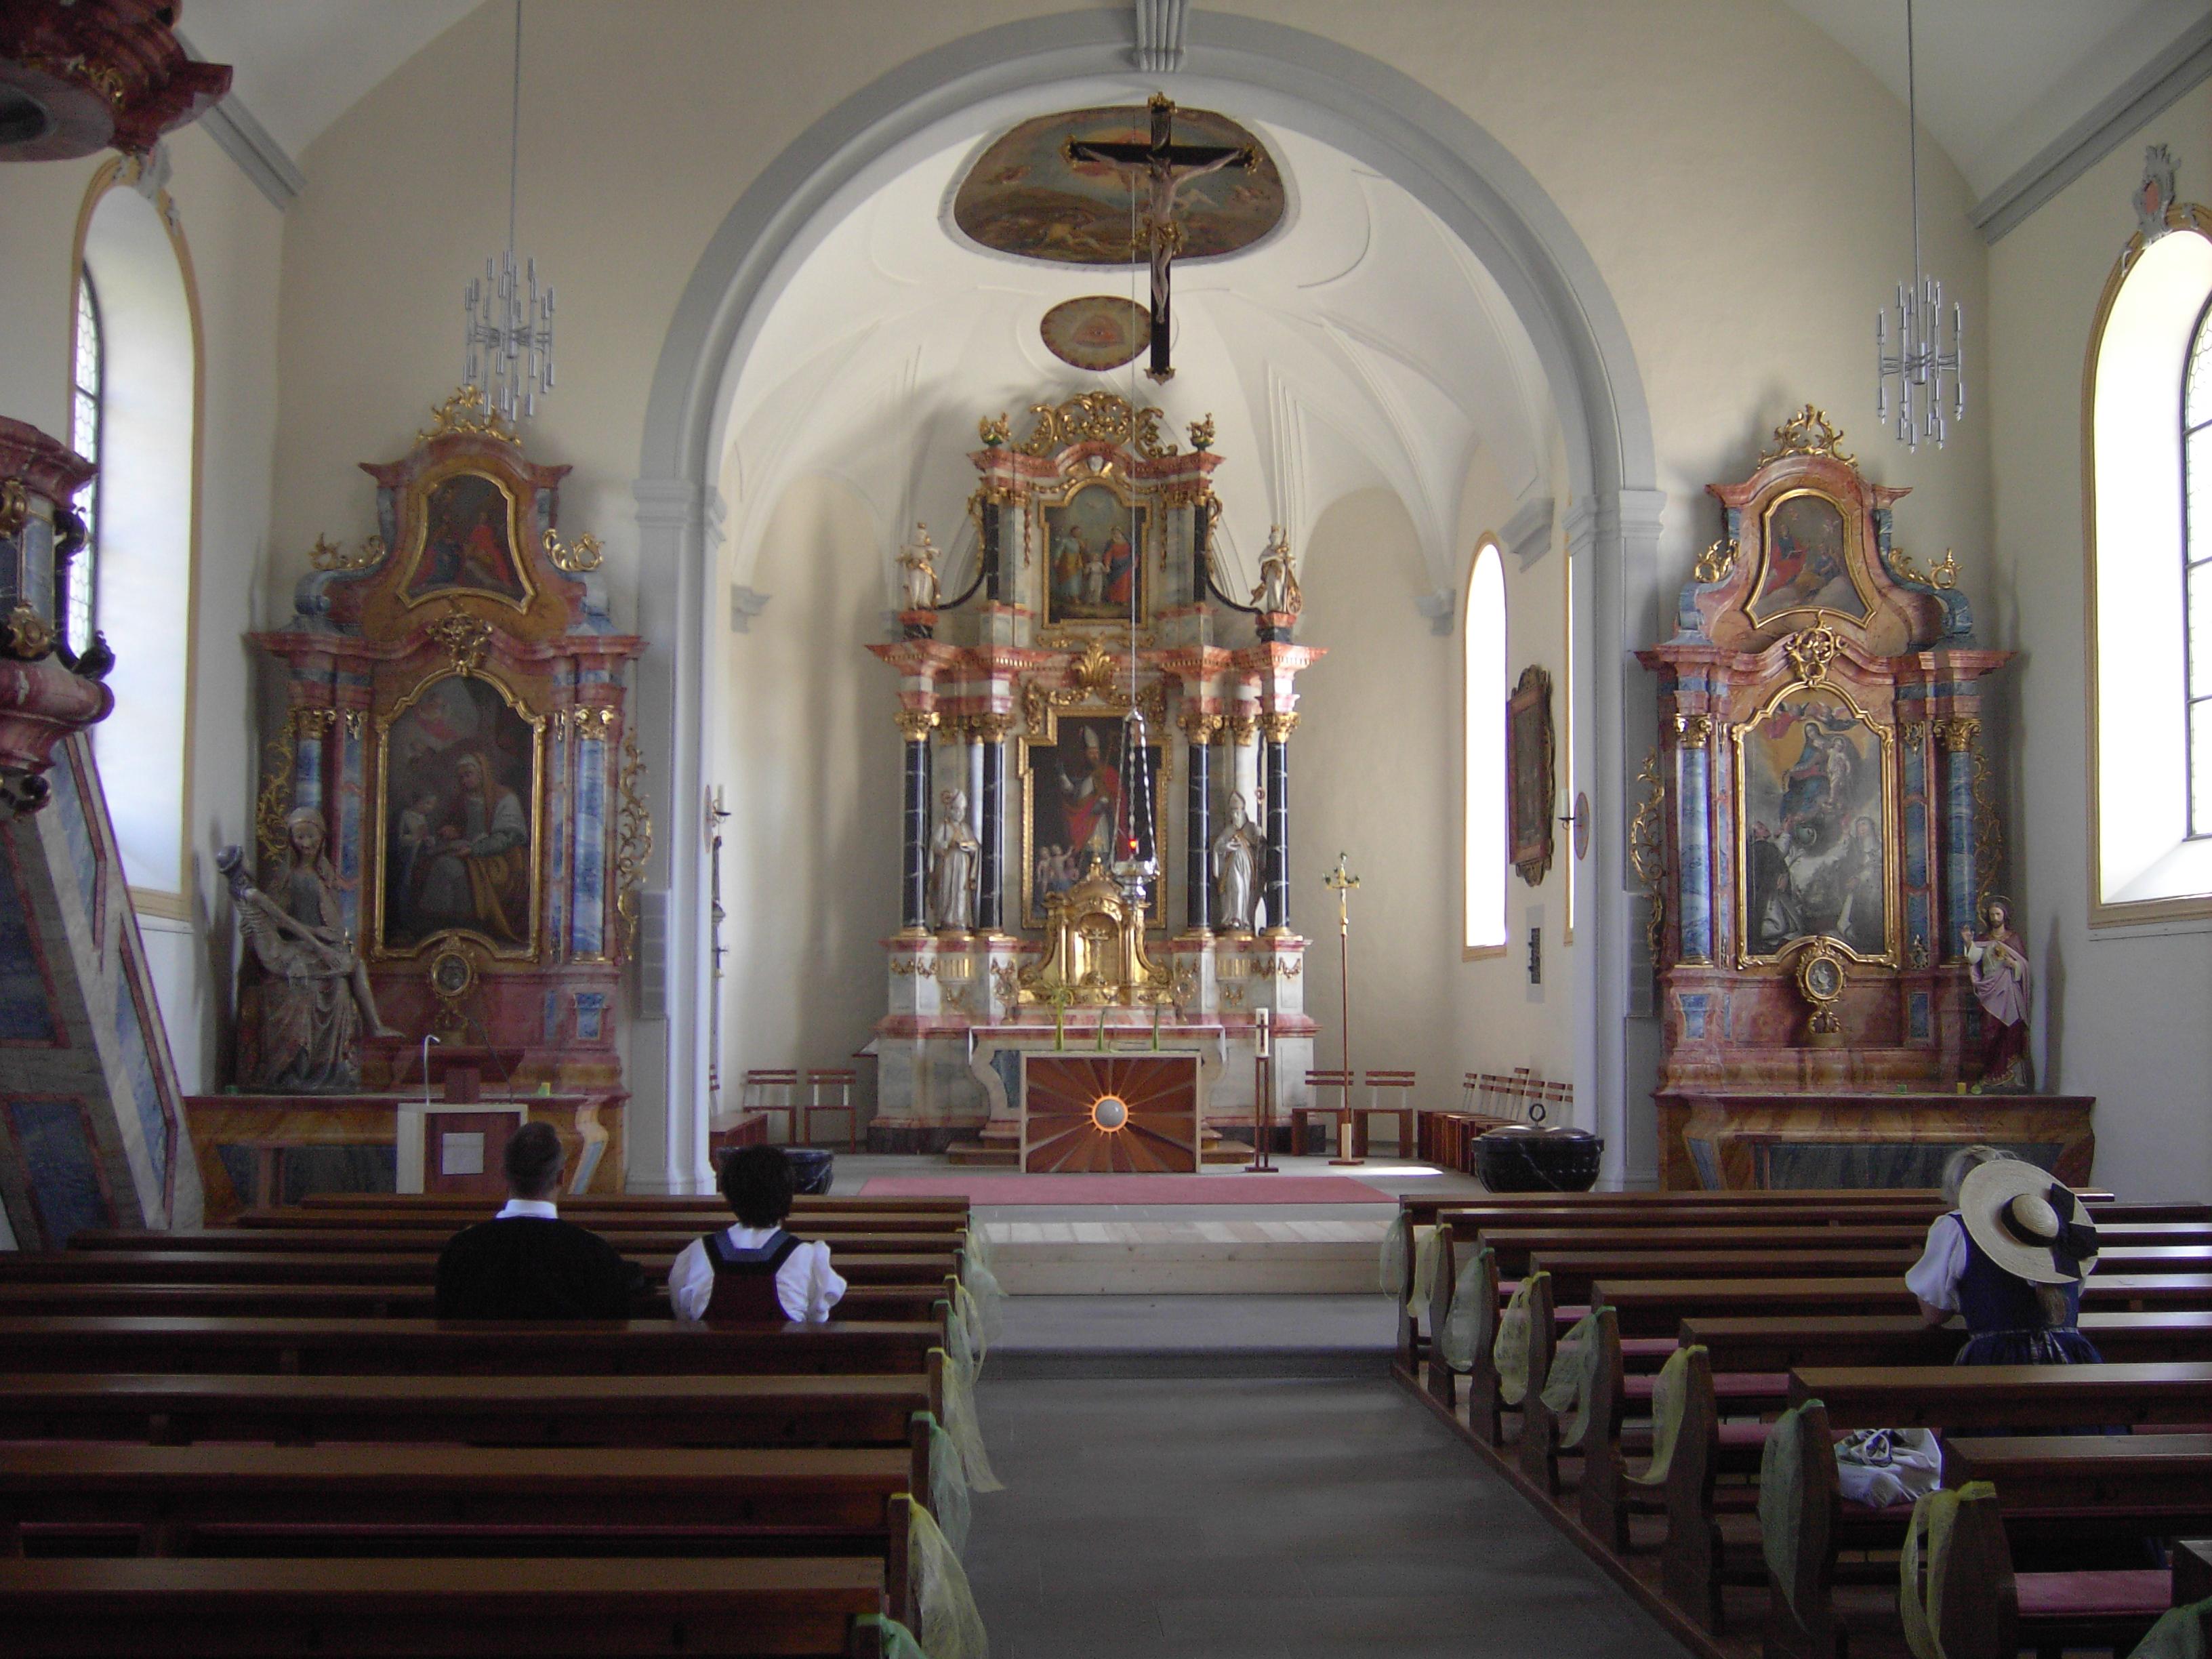 Katholische Kirche Innen